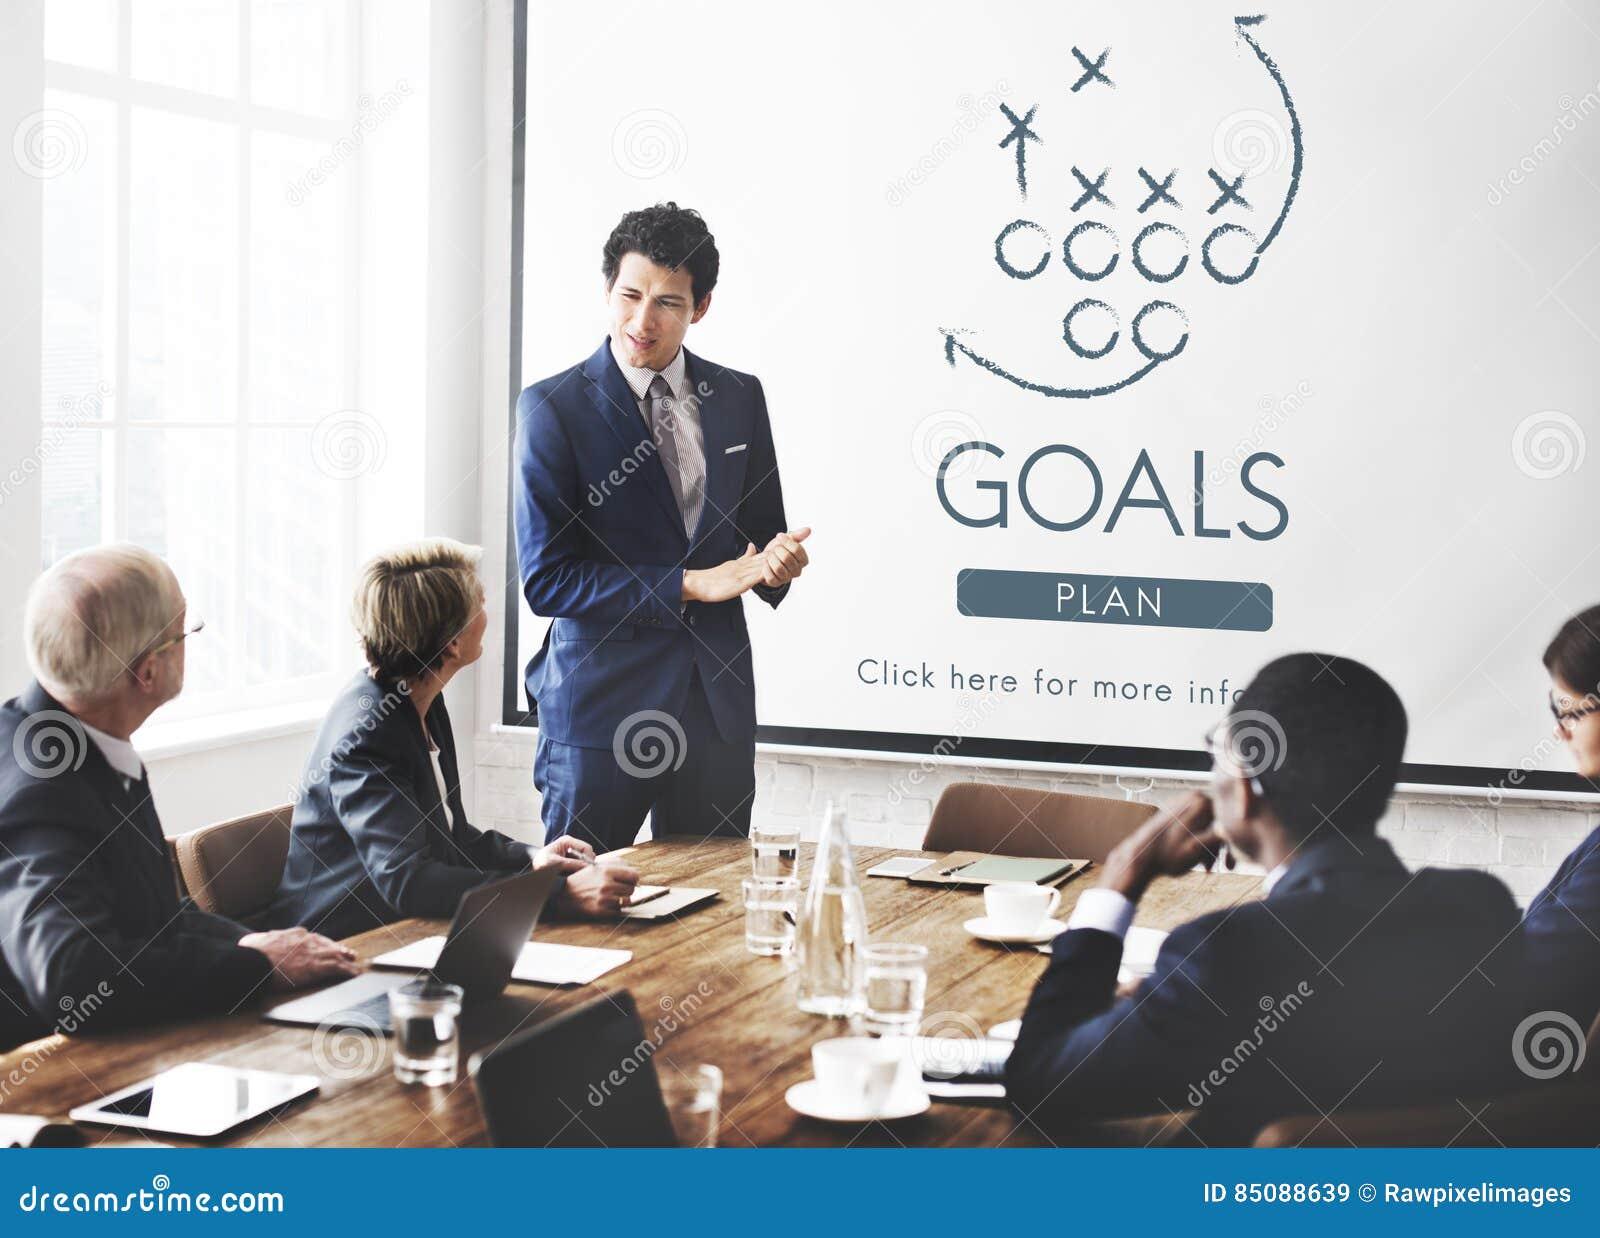 Ziel-Ziel-Aspiration glauben Inspirations-Ziel-Konzept